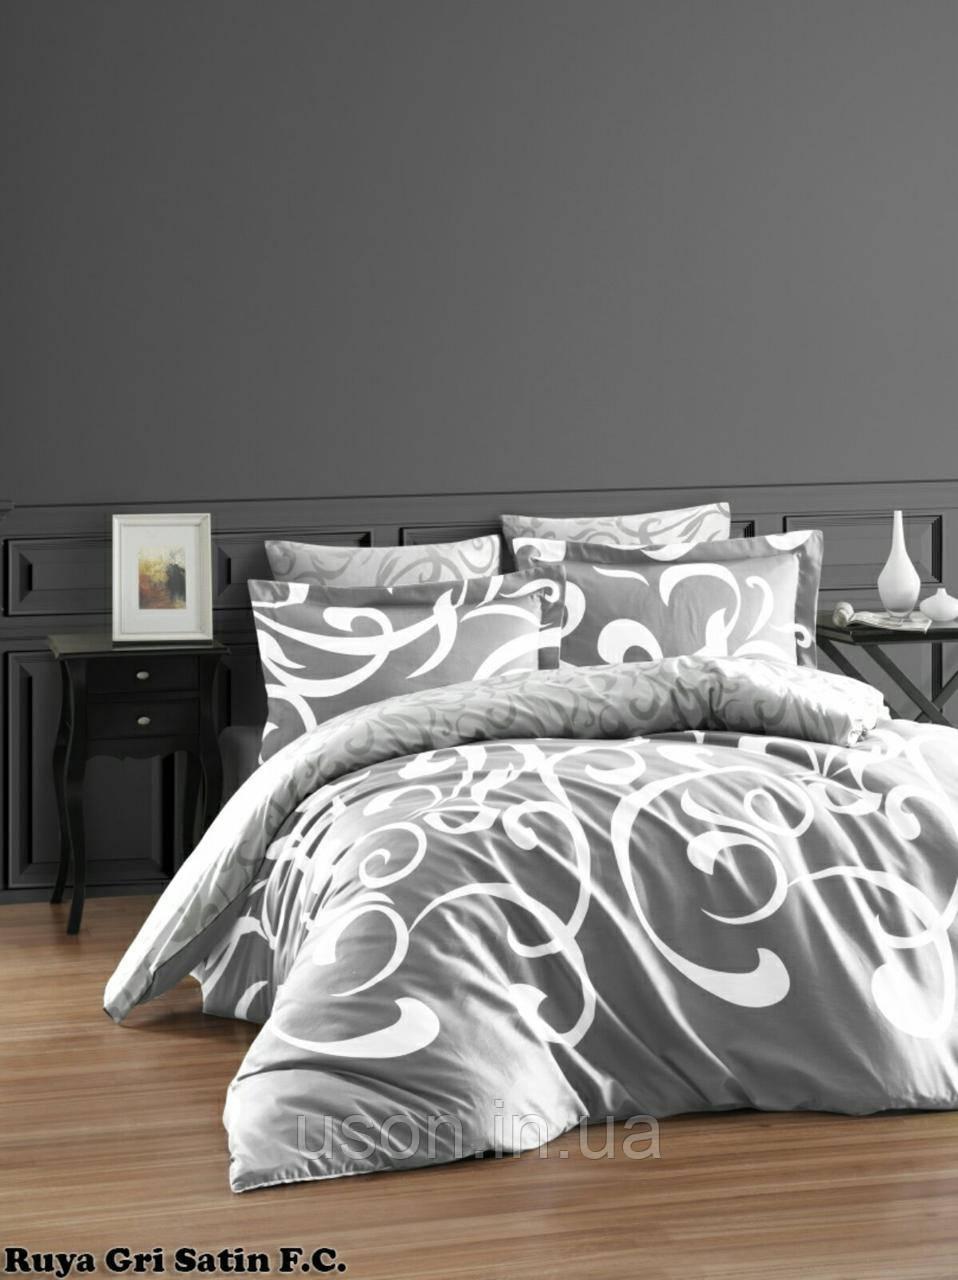 Комплект постельного белья Тм First Choice сатин Ruya Gri